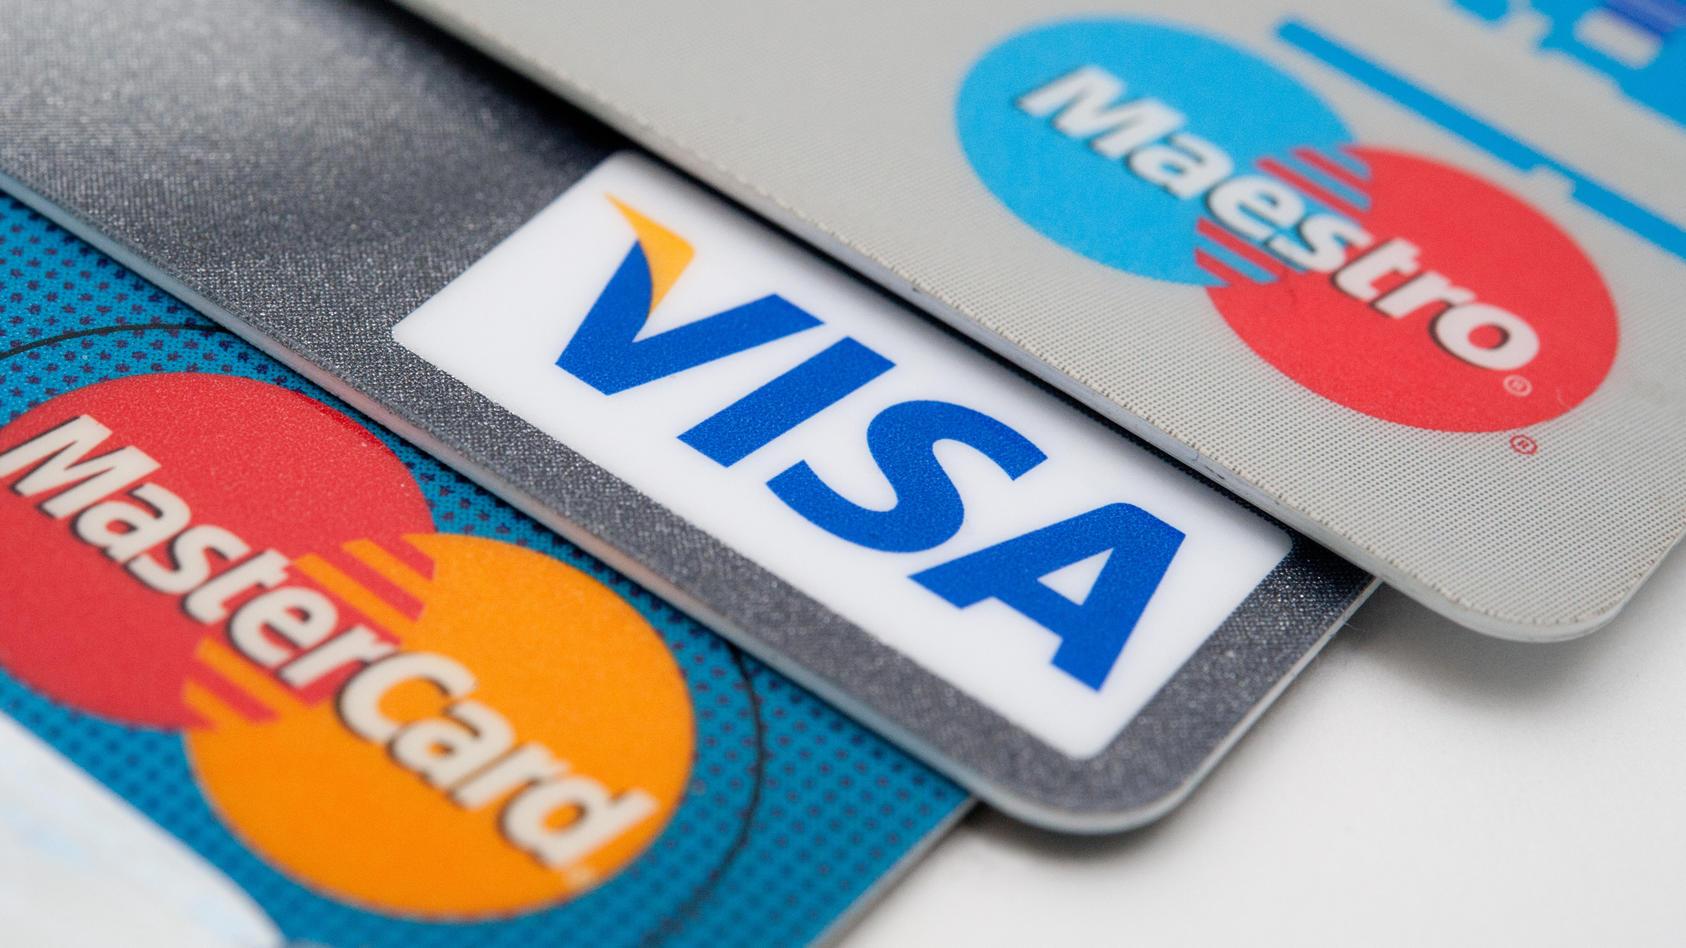 kreditkarten-der-kreditkartengesellschaften-visa-und-mastercard-sowie-eine-ec-karte-des-debitkarten-dienstes-maestro